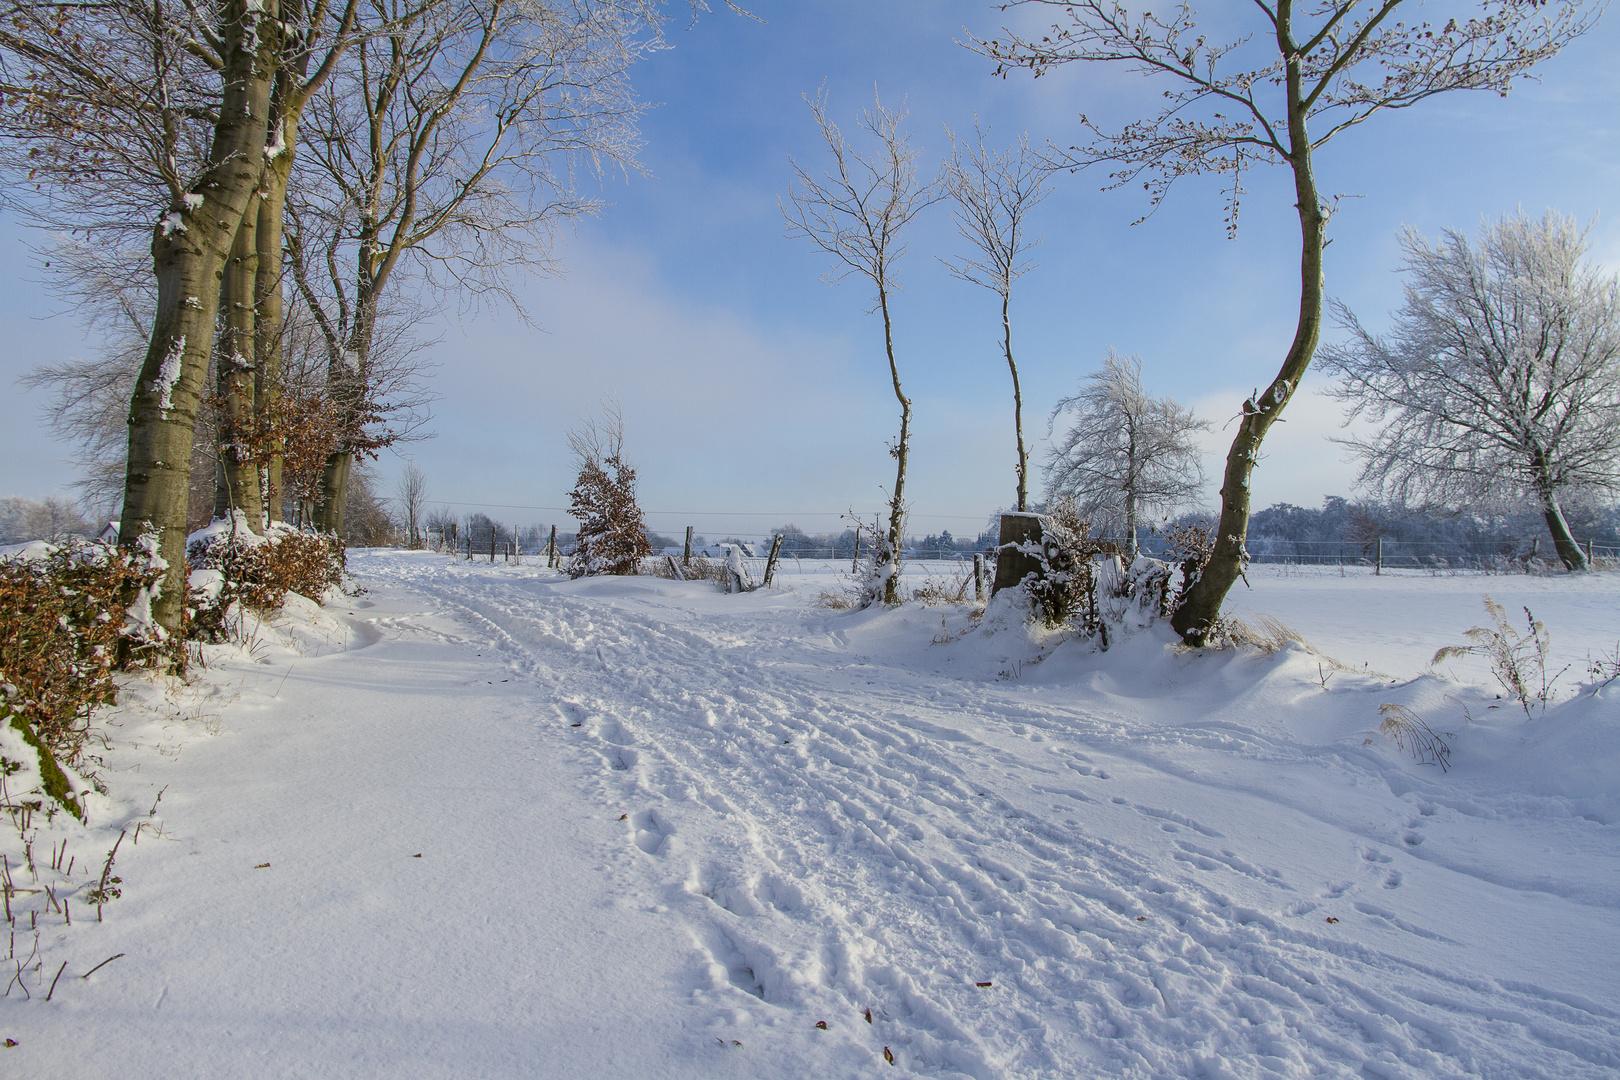 nochmal Feldweg in Simmerath-Lammersdorf